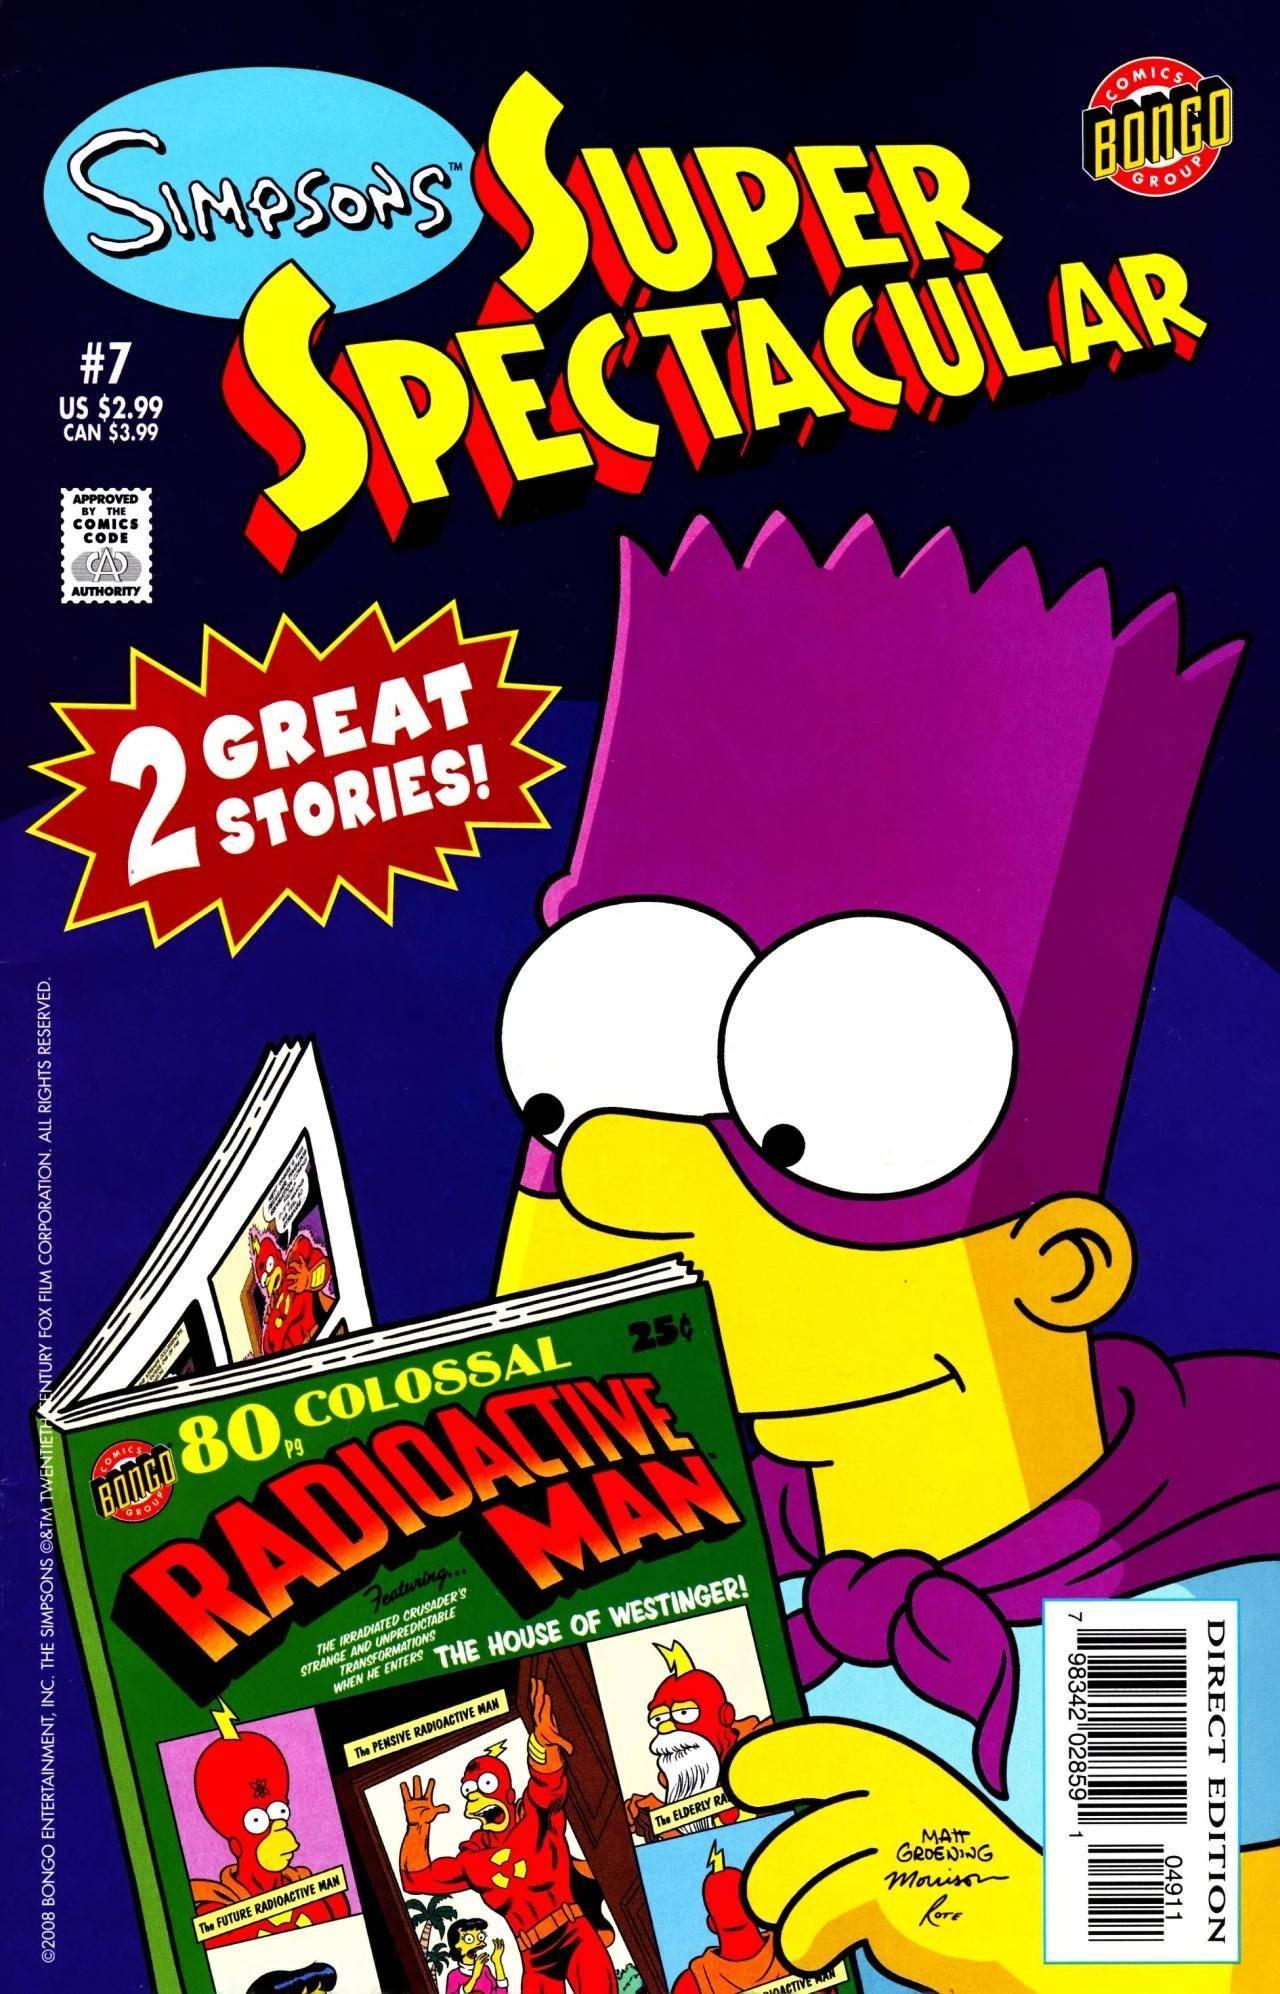 Simpsons Super Spectacular 007 2008 noads